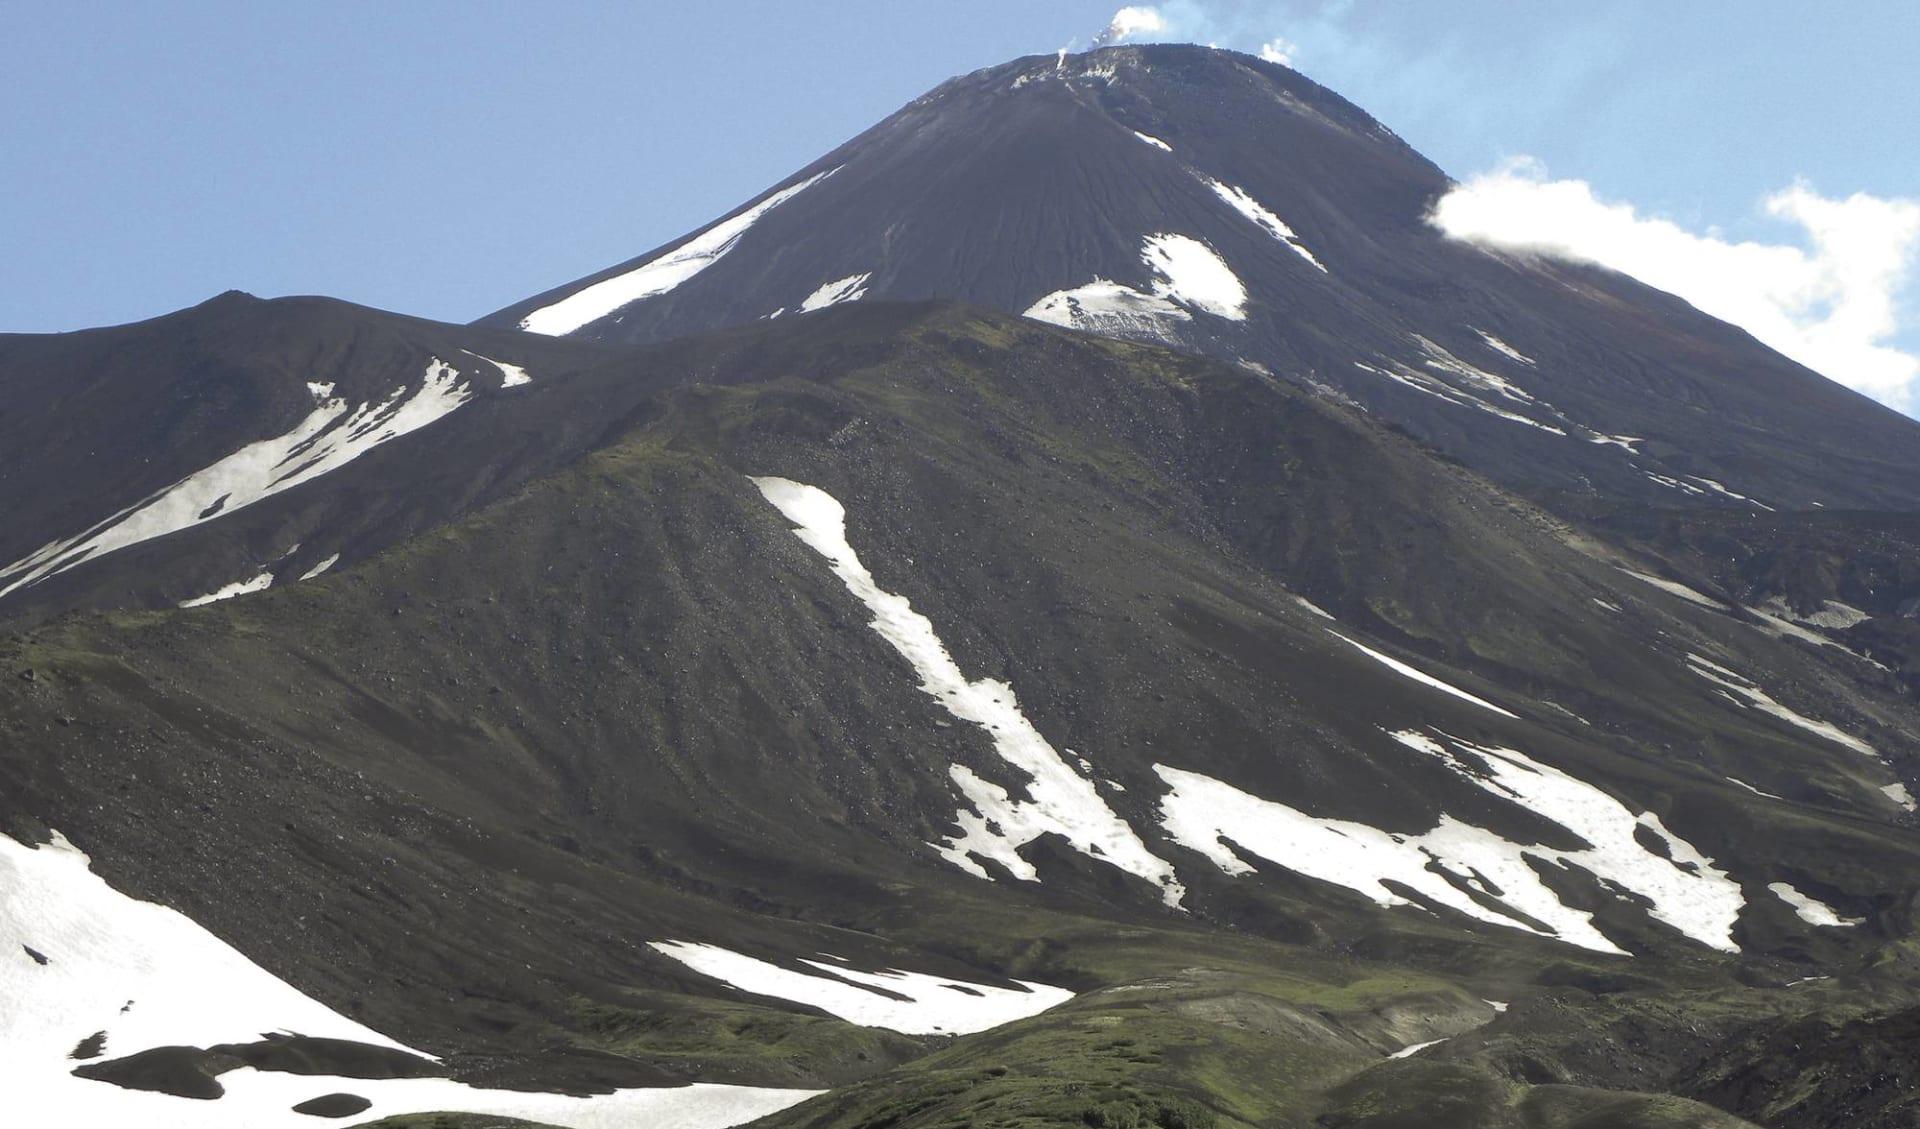 Vulkane, Geysire und Bären ab Petropawlowsk-Kamtschatka: Vulkane, Geysire und Bären_Avachinsky-Vulkan